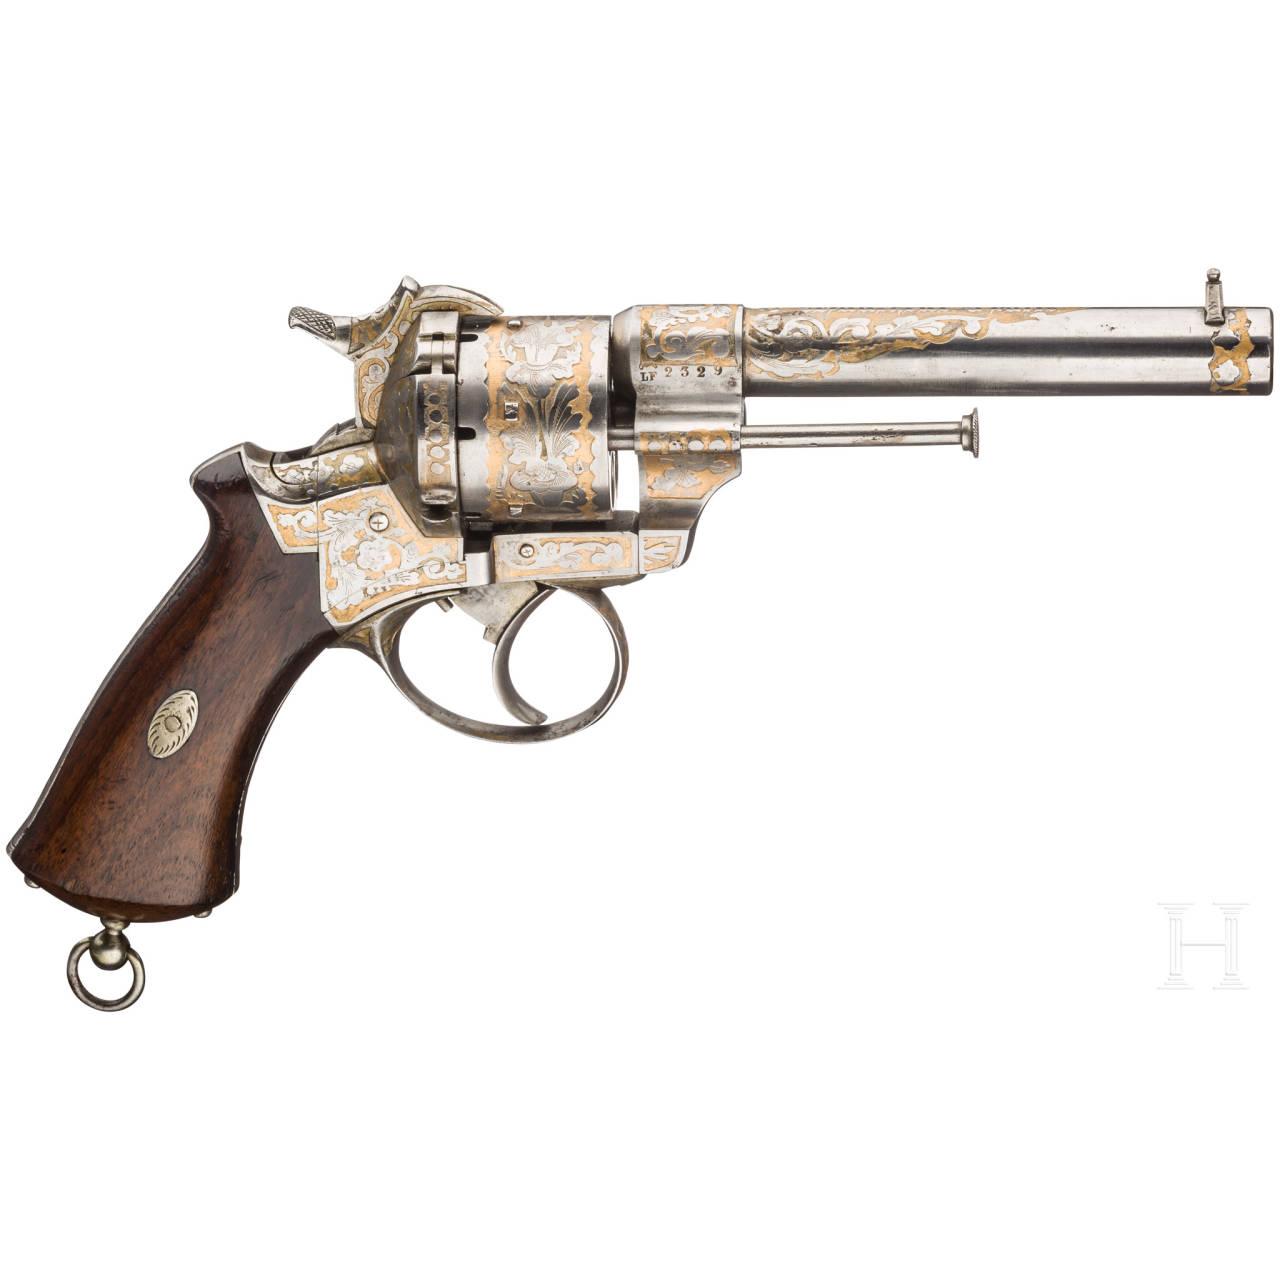 A pinfire revolver, Eugene Lefaucheux, Paris